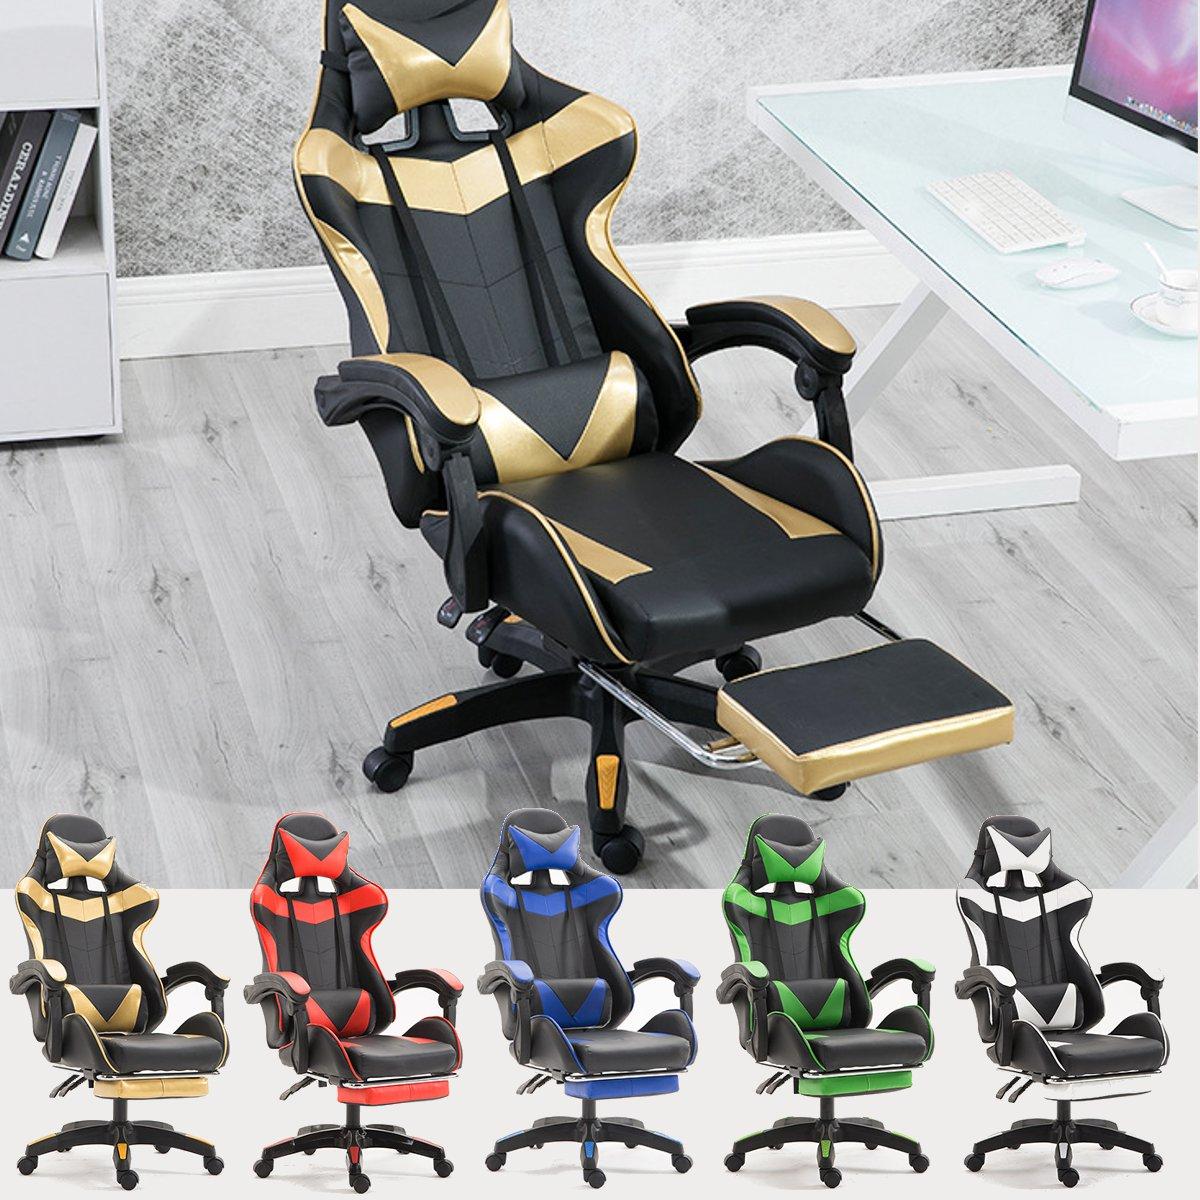 5 สี PU หนัง Racing GAMING Chair Office กลับ ERGONOMIC Recliner พร้อมที่วางเท้า Professional คอมพิวเตอร์เก้าอี้เฟอร์นิเจอร์